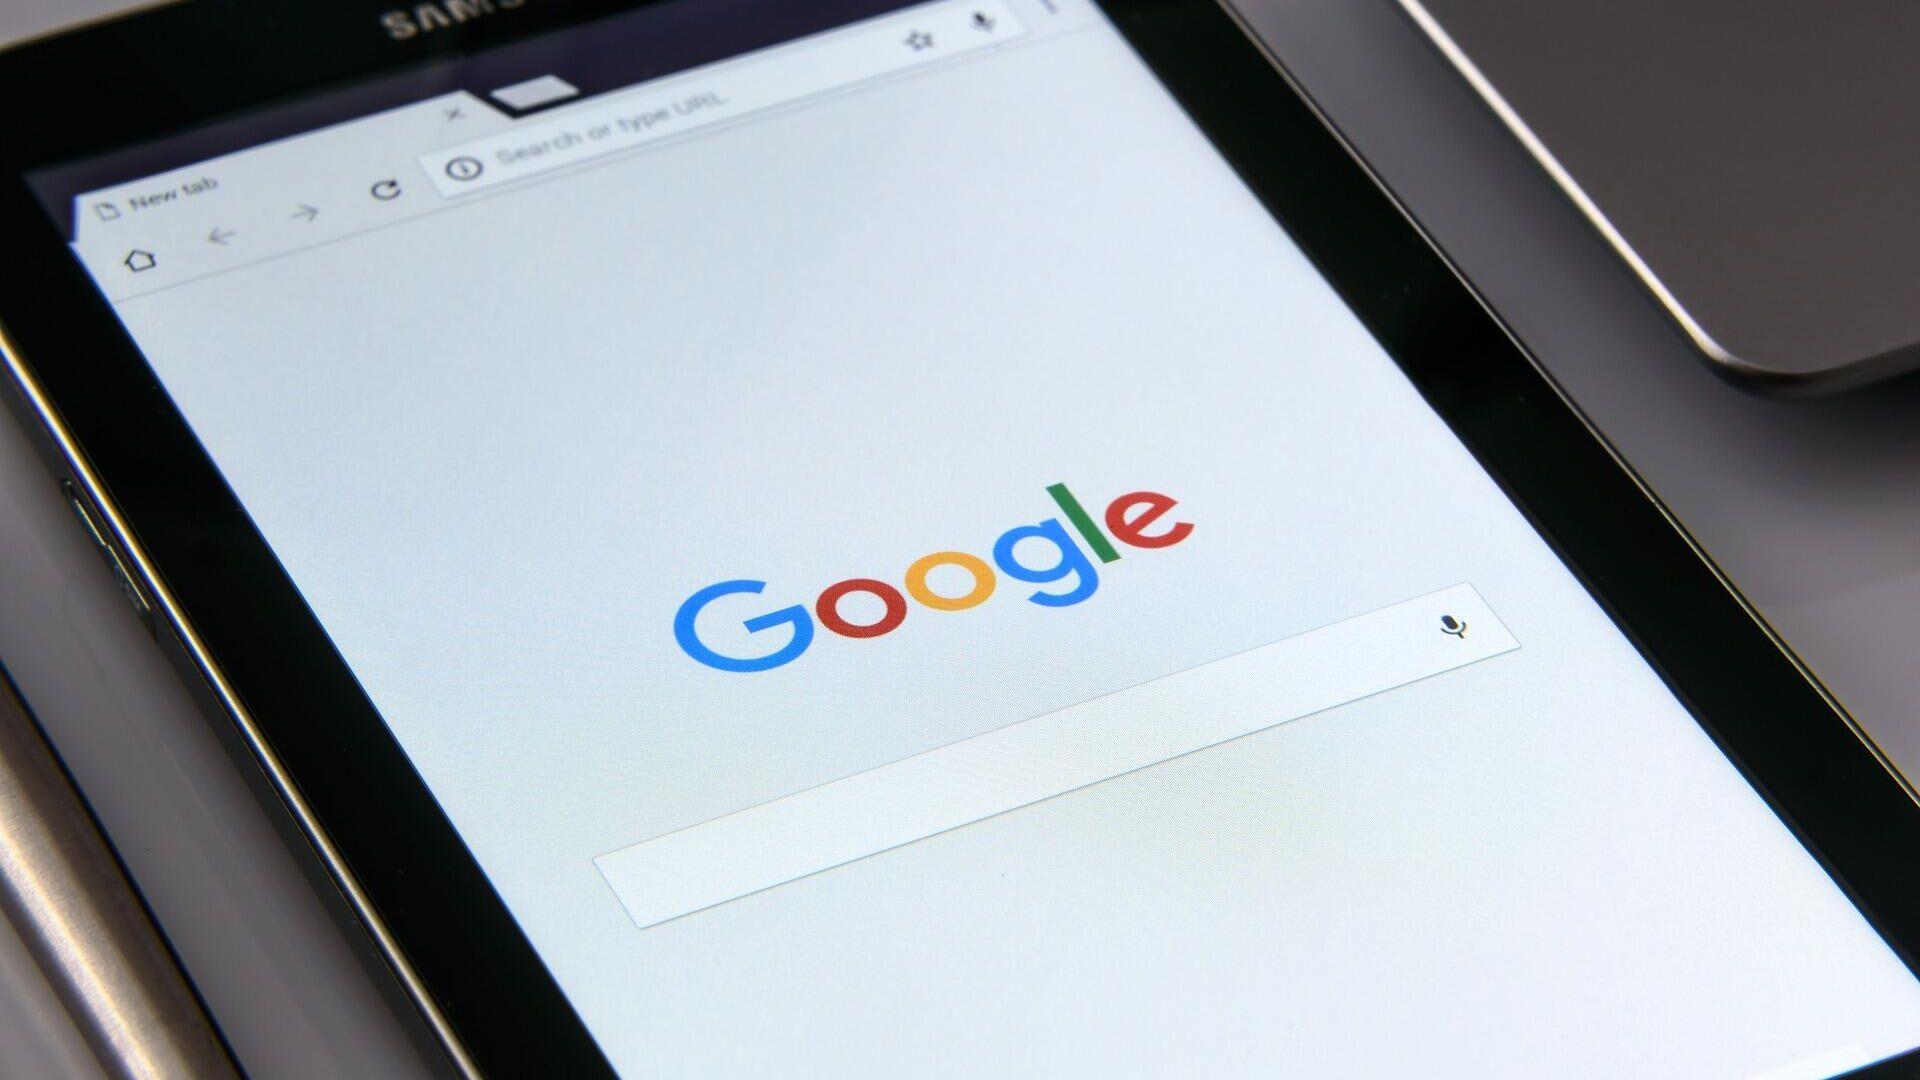 Tablet mit Google-Startseite - SNA, 1920, 04.09.2021